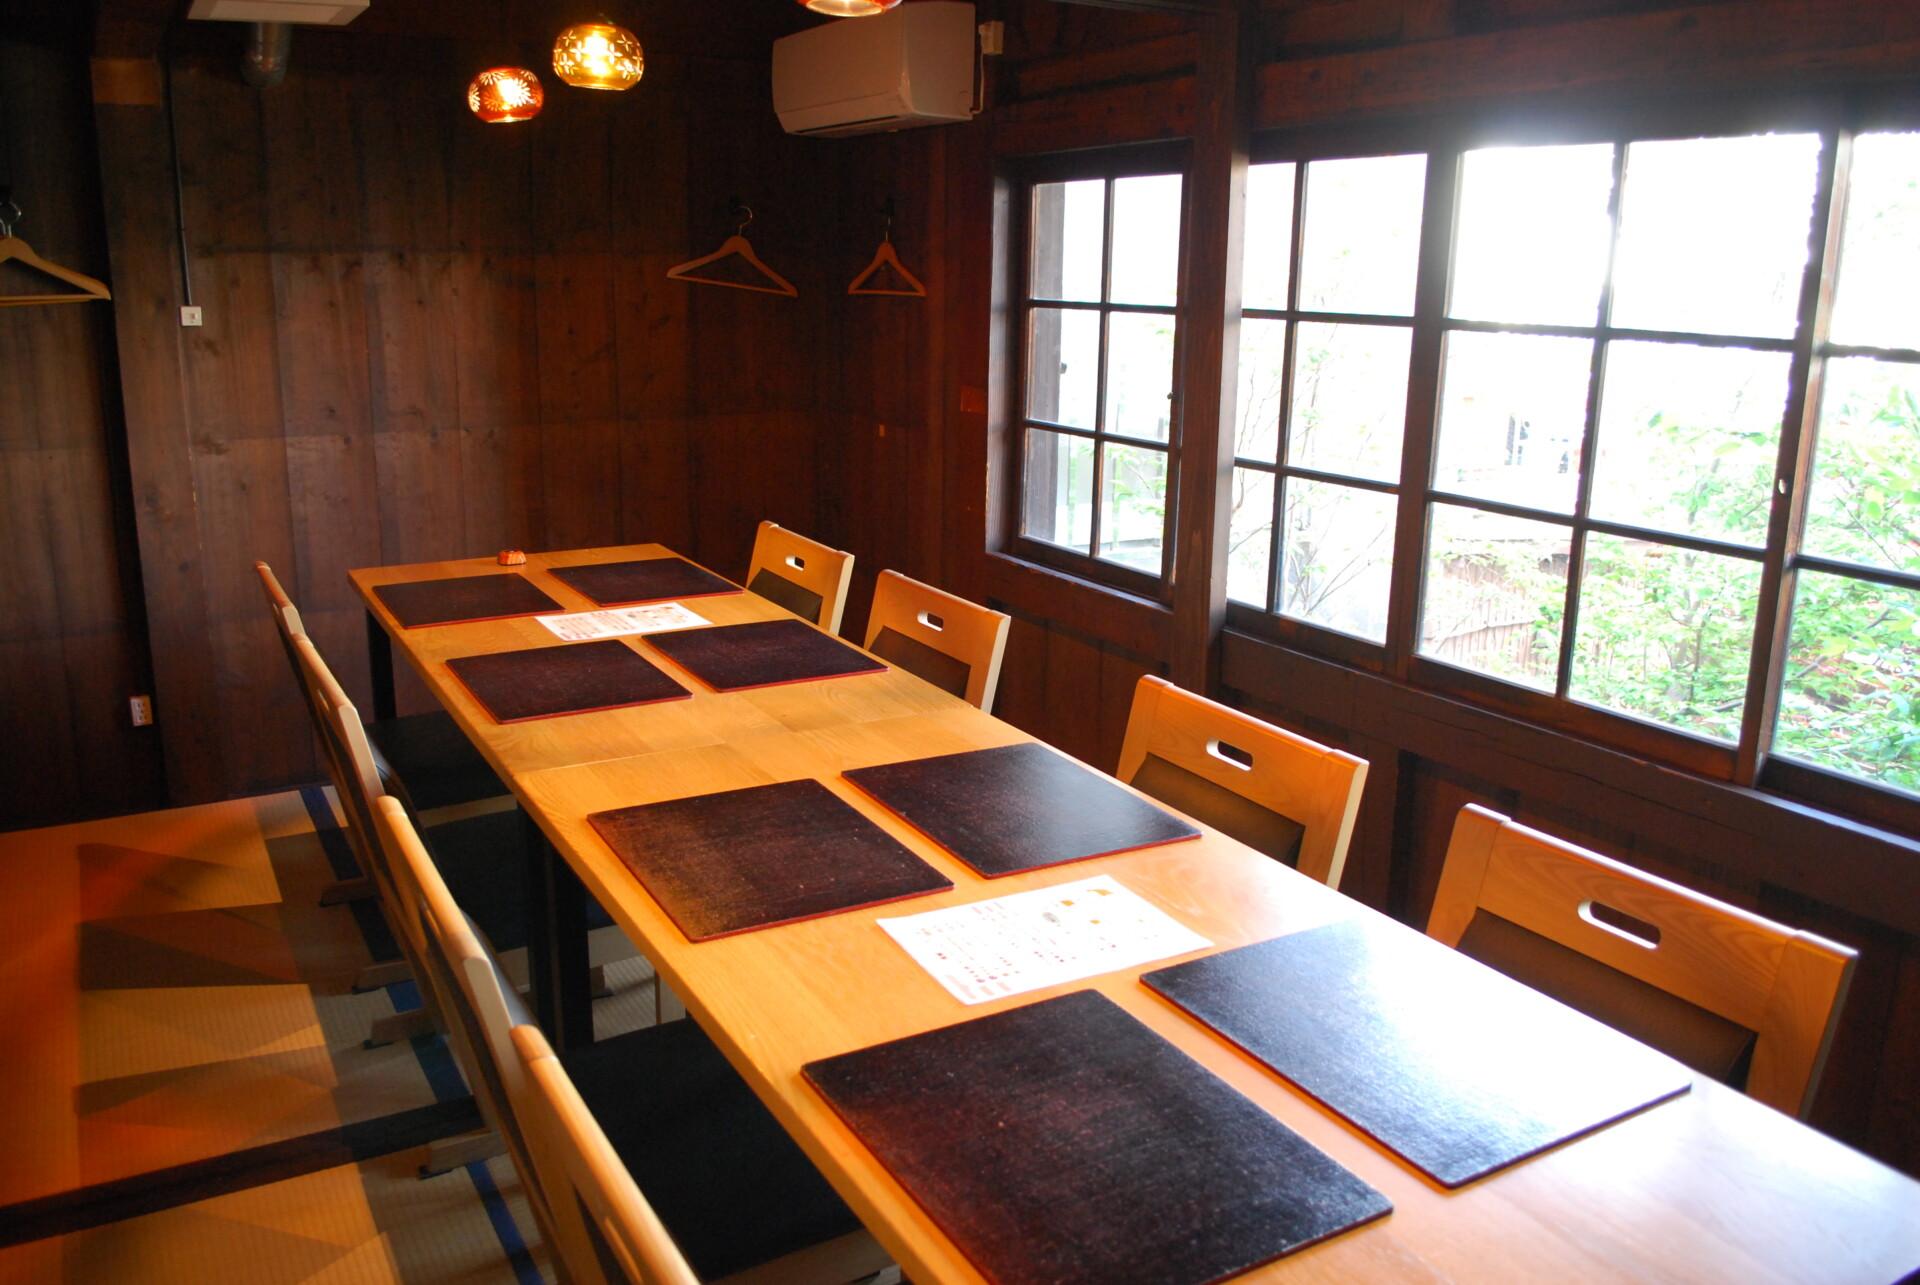 一階のカウンター席は隣の席と仕切りを設け、しっかりとコロナ対策。 個室があるのも嬉しい